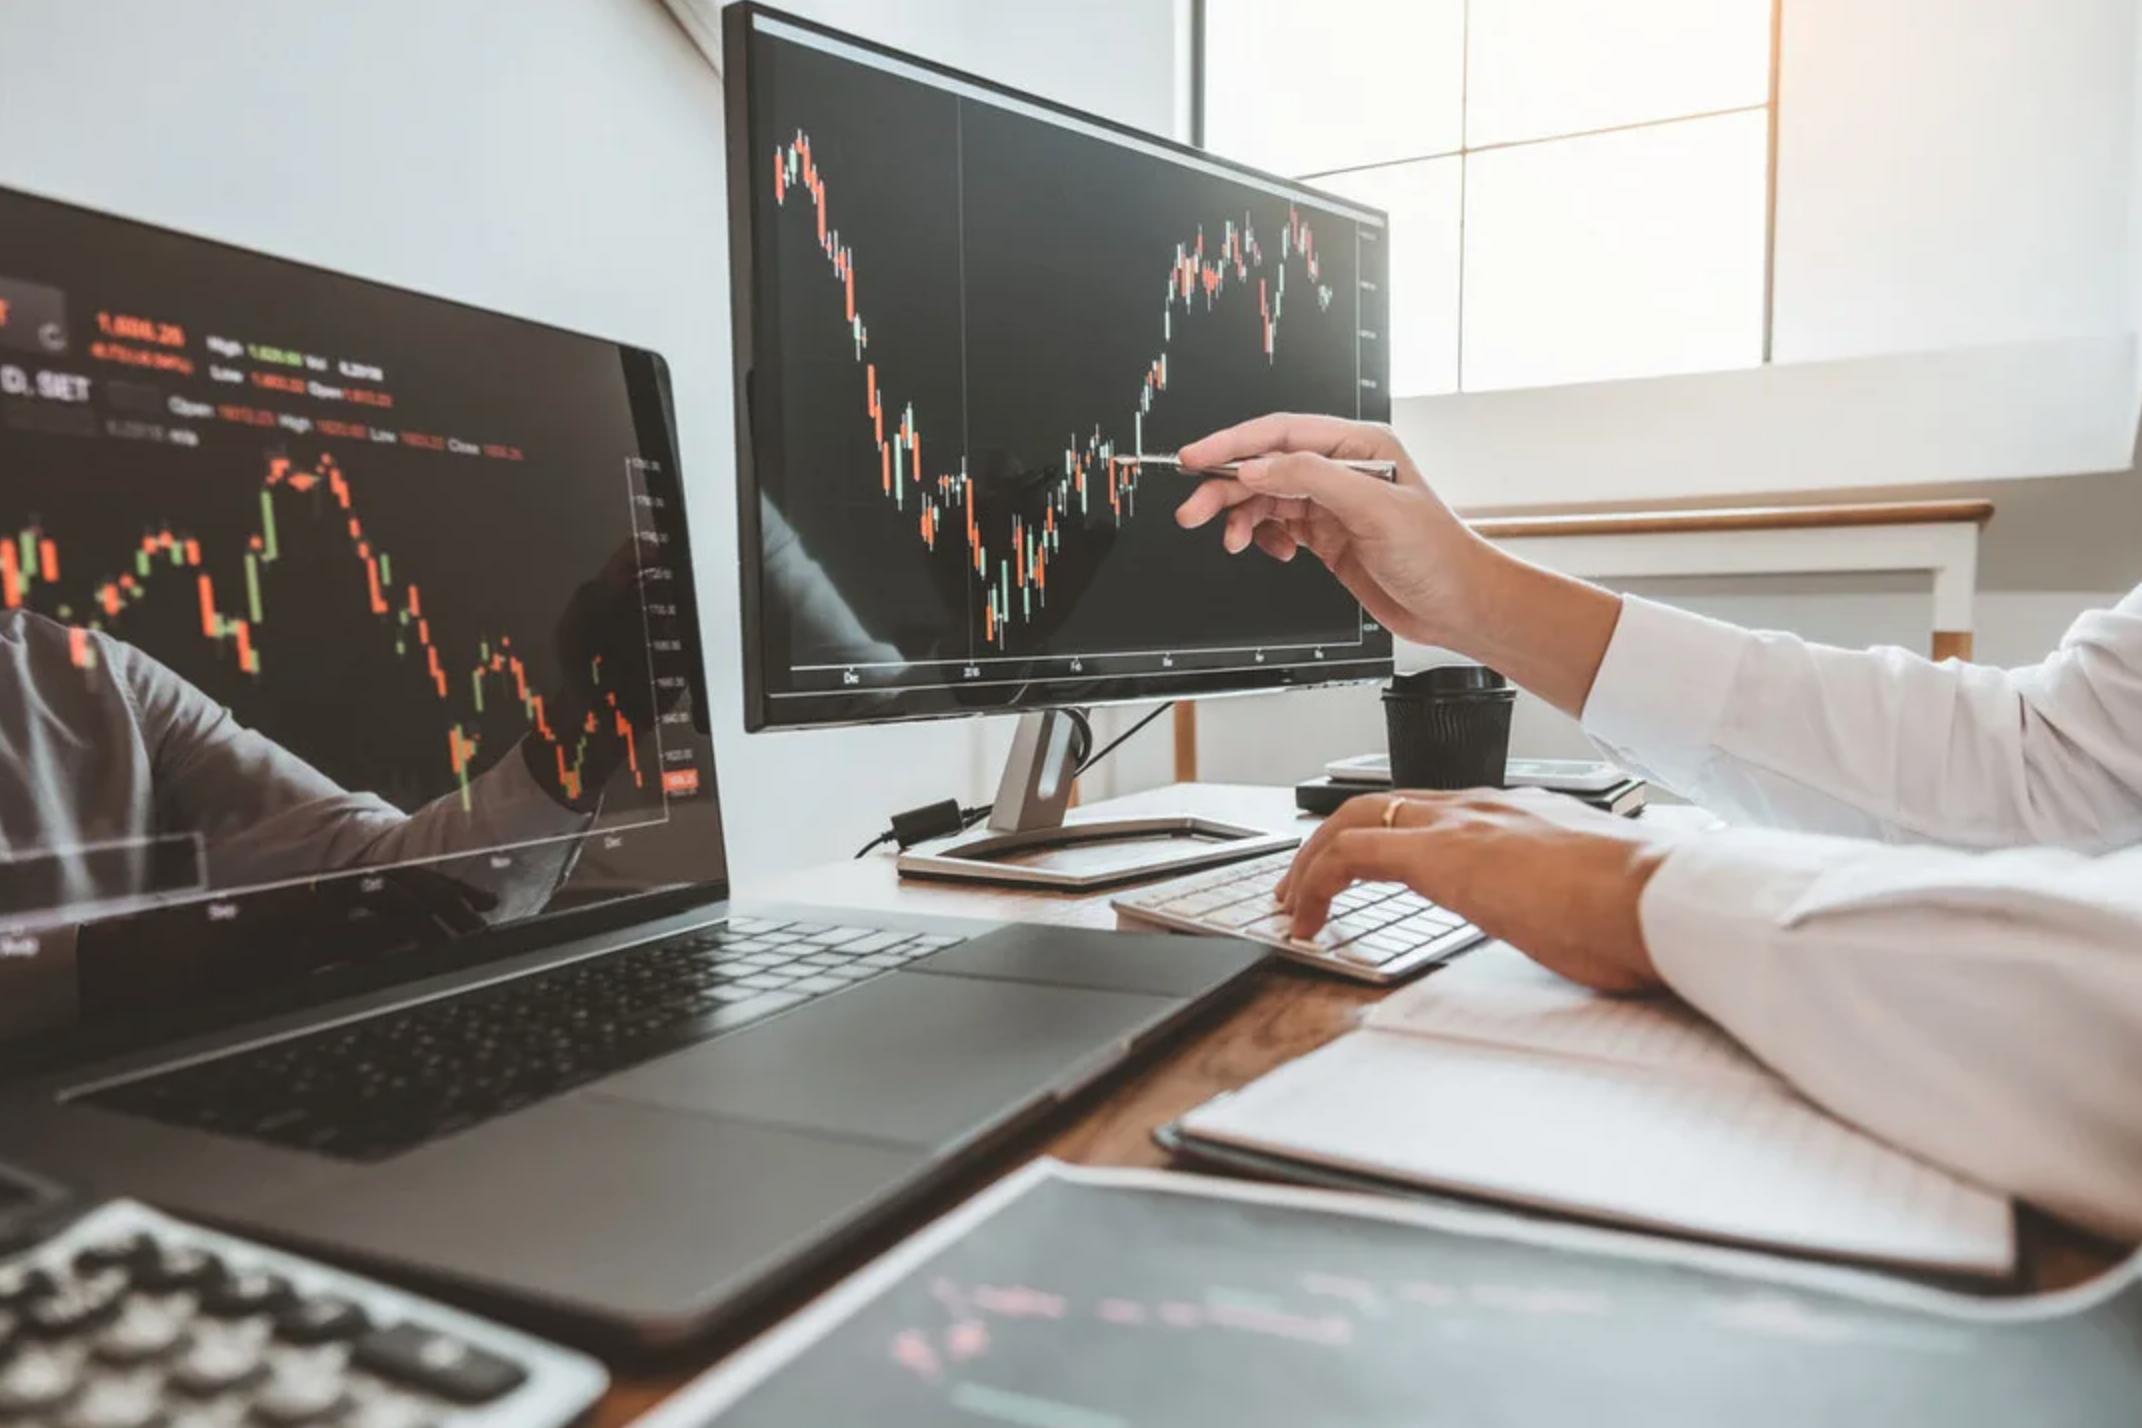 фондовая биржа forex